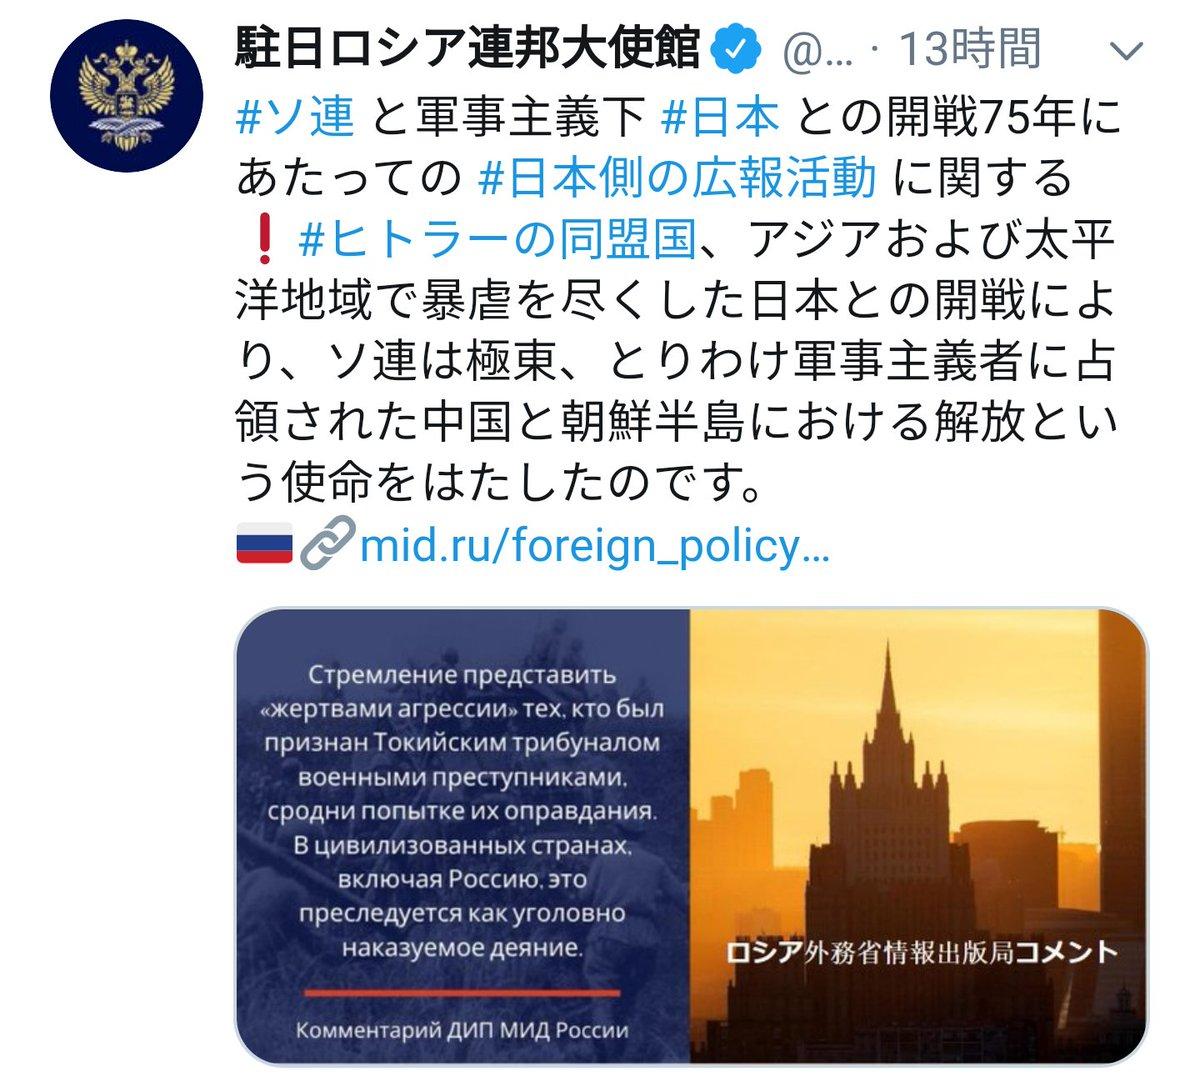 先日の、日本侮辱ツイートへの抗議に対し、ロシア政府は開き直り、更に日本を侮辱しています